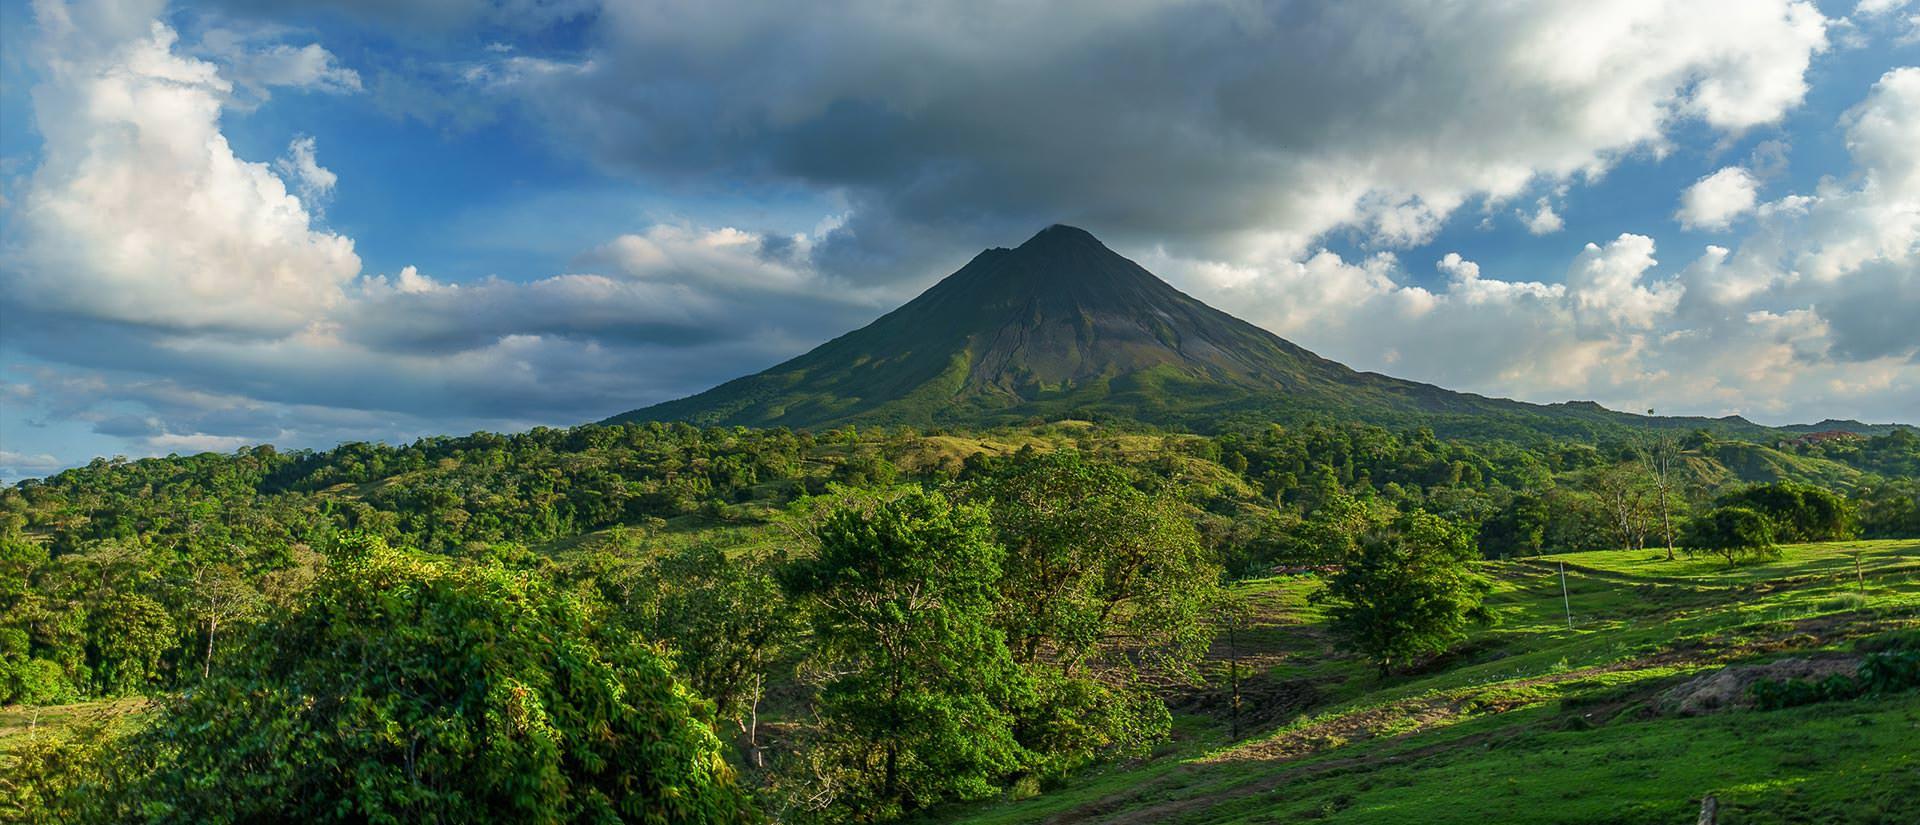 טיולים מאורגנים לקוסטה ריקה